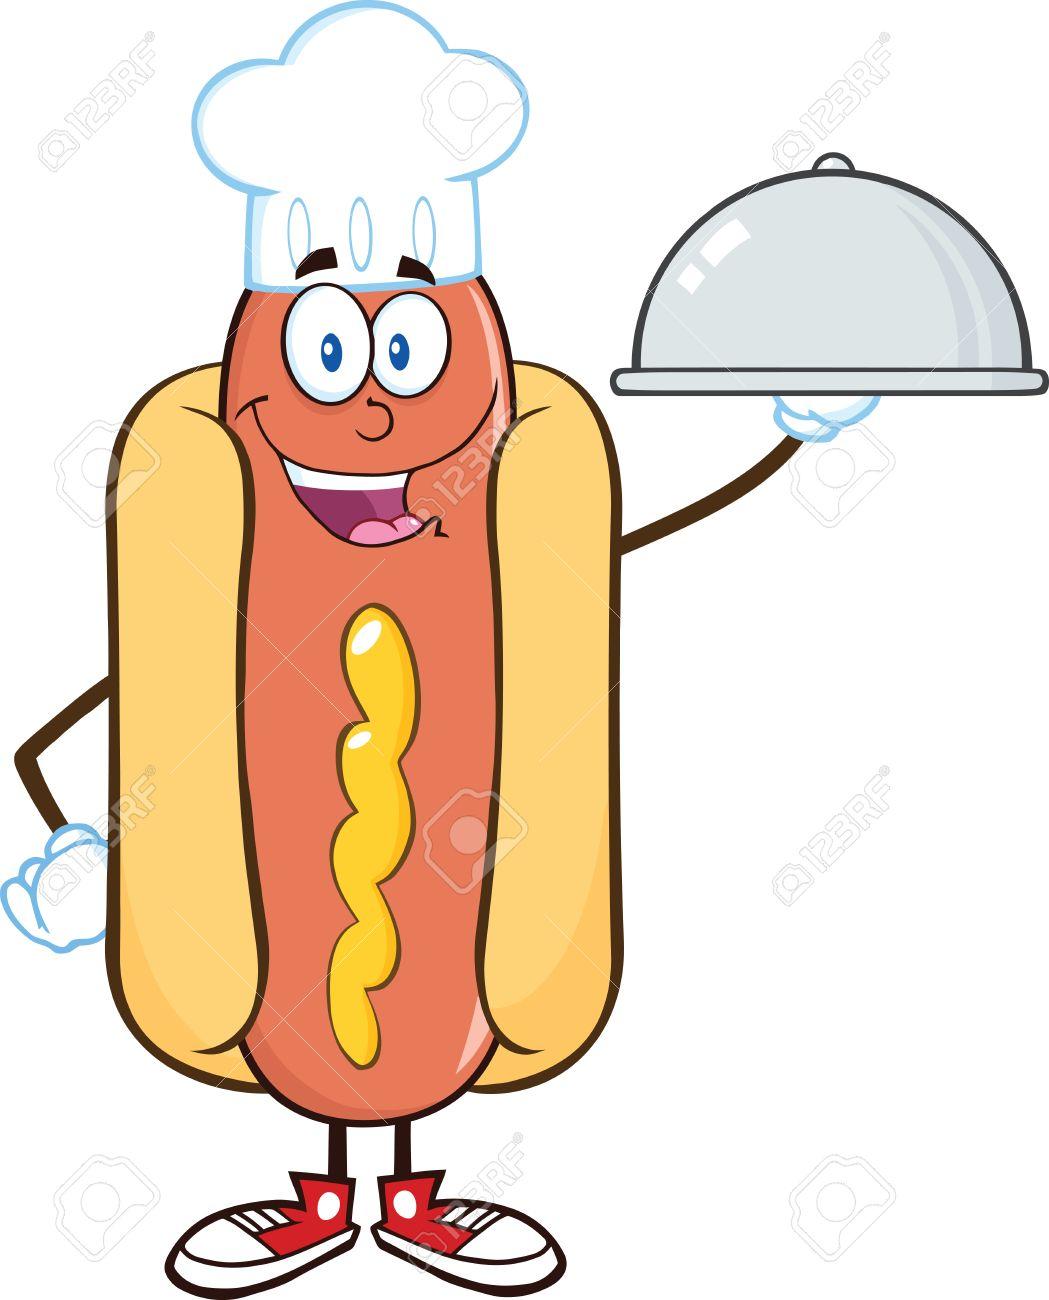 Carácter Feliz De Hot Dog Chef De Dibujos Animados Mascota Con Una